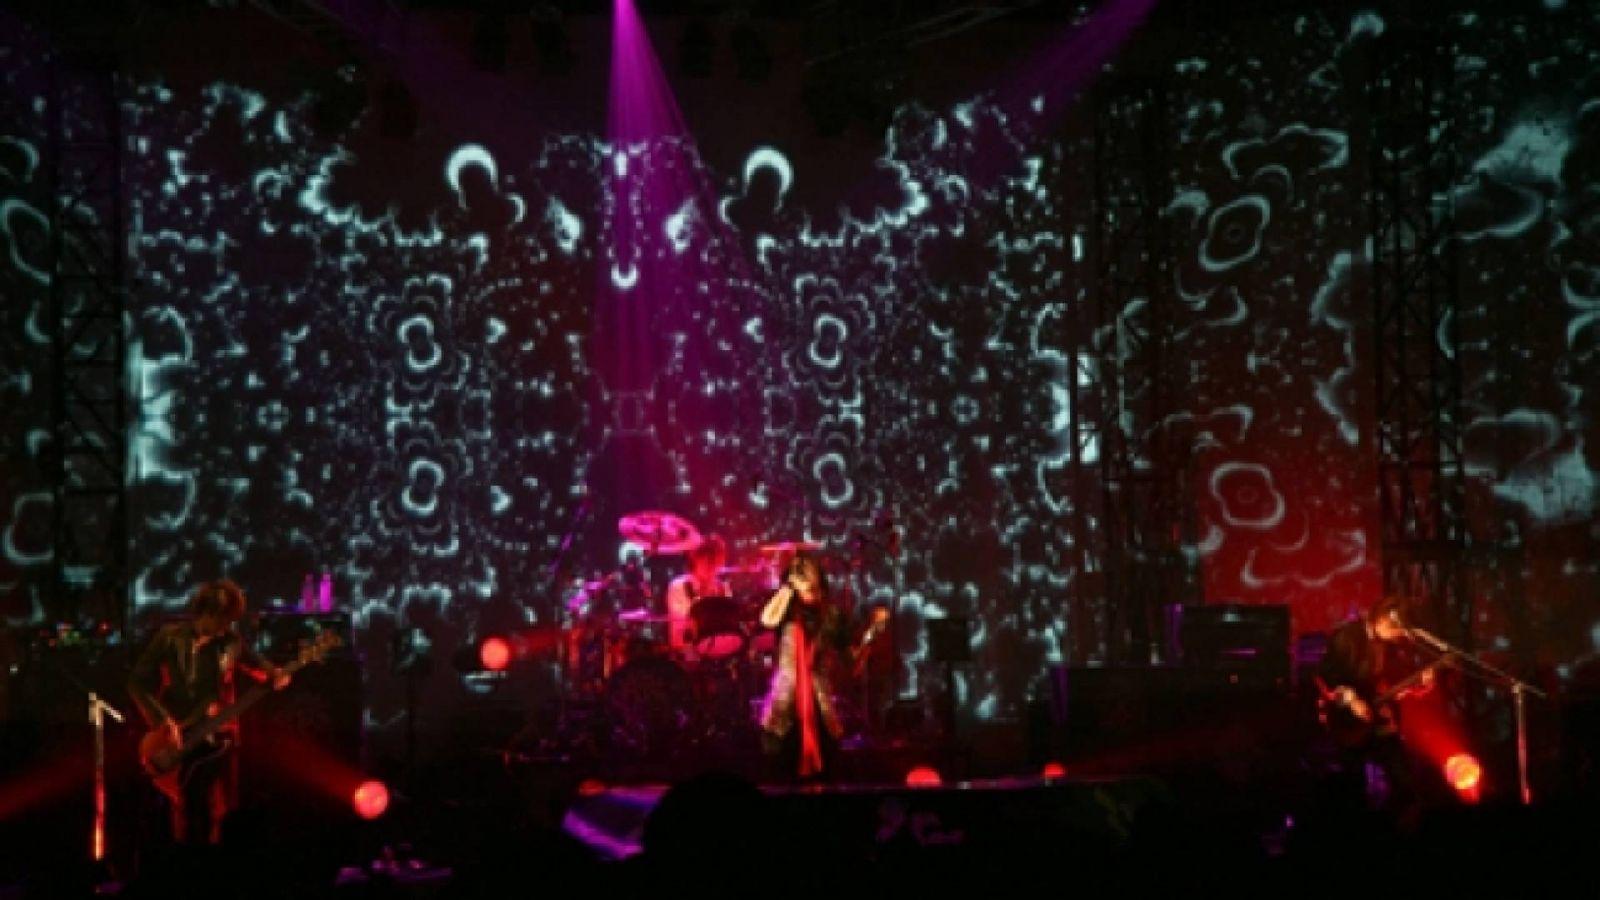 Koncert z okazji 10. rocznicy istnienia MUCCa © Maverick